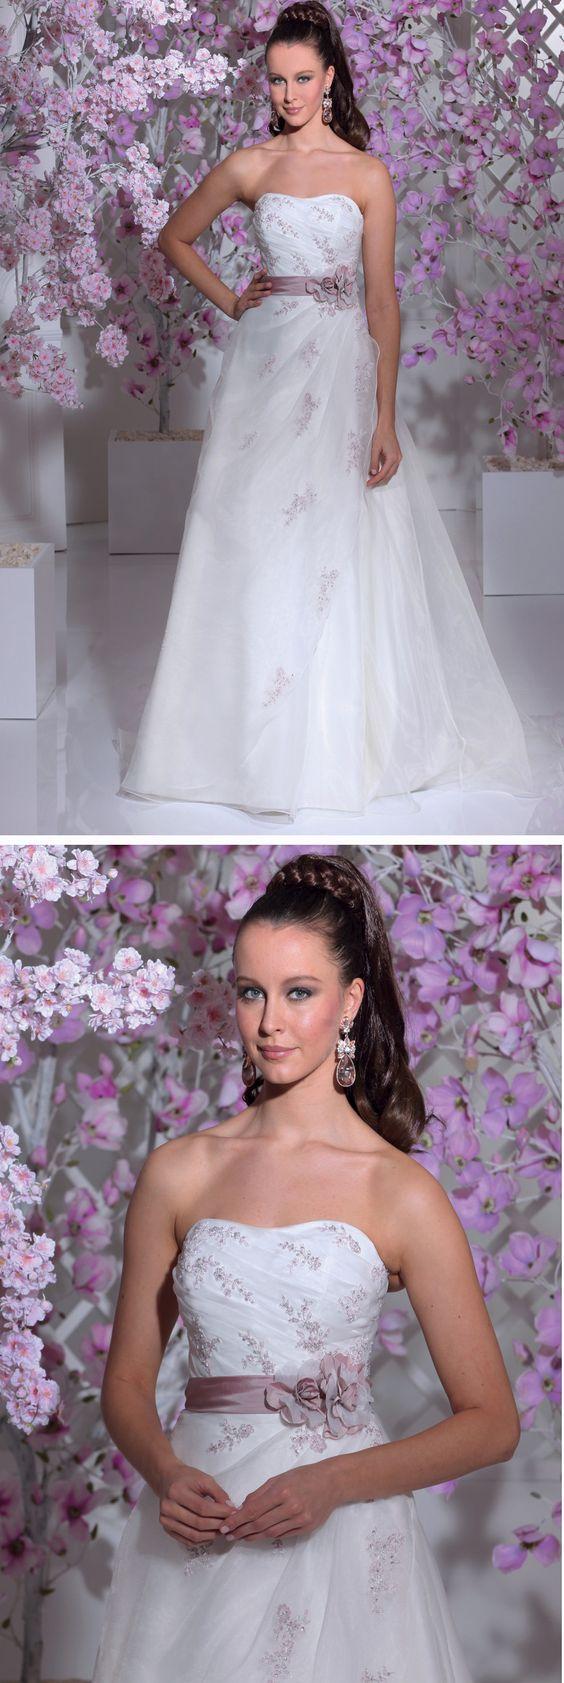 """Isabel de Mestre - Miss Isabel Kollektion 2016: Brautkleid """"Honduras"""" trägerlos in A-Linie mit rosa Verzierungen und Gürtel."""